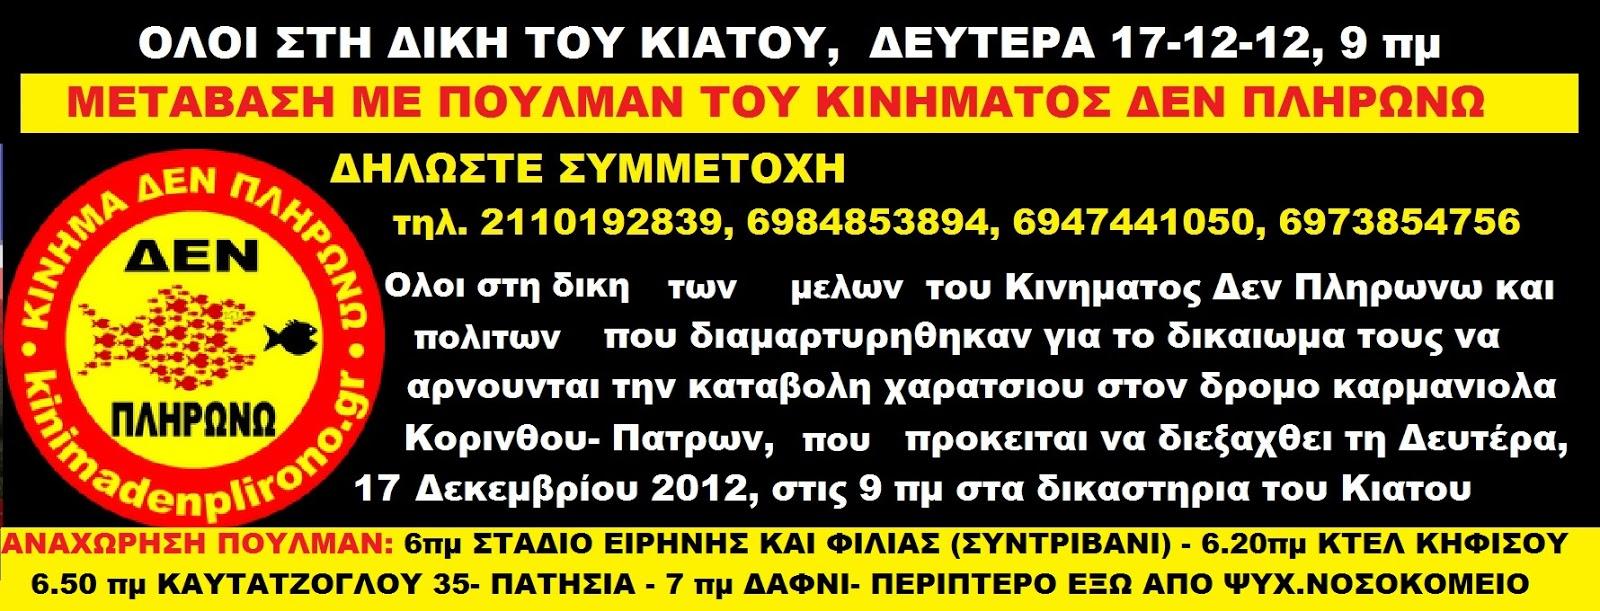 http://i0.wp.com/4.bp.blogspot.com/-9RugC7kiYyI/UM2yYQ0N9II/AAAAAAABAbM/KAmjwSR968Y/s1600/kiato+banner1++diki+17-12-12+1.jpg?resize=569%2C217